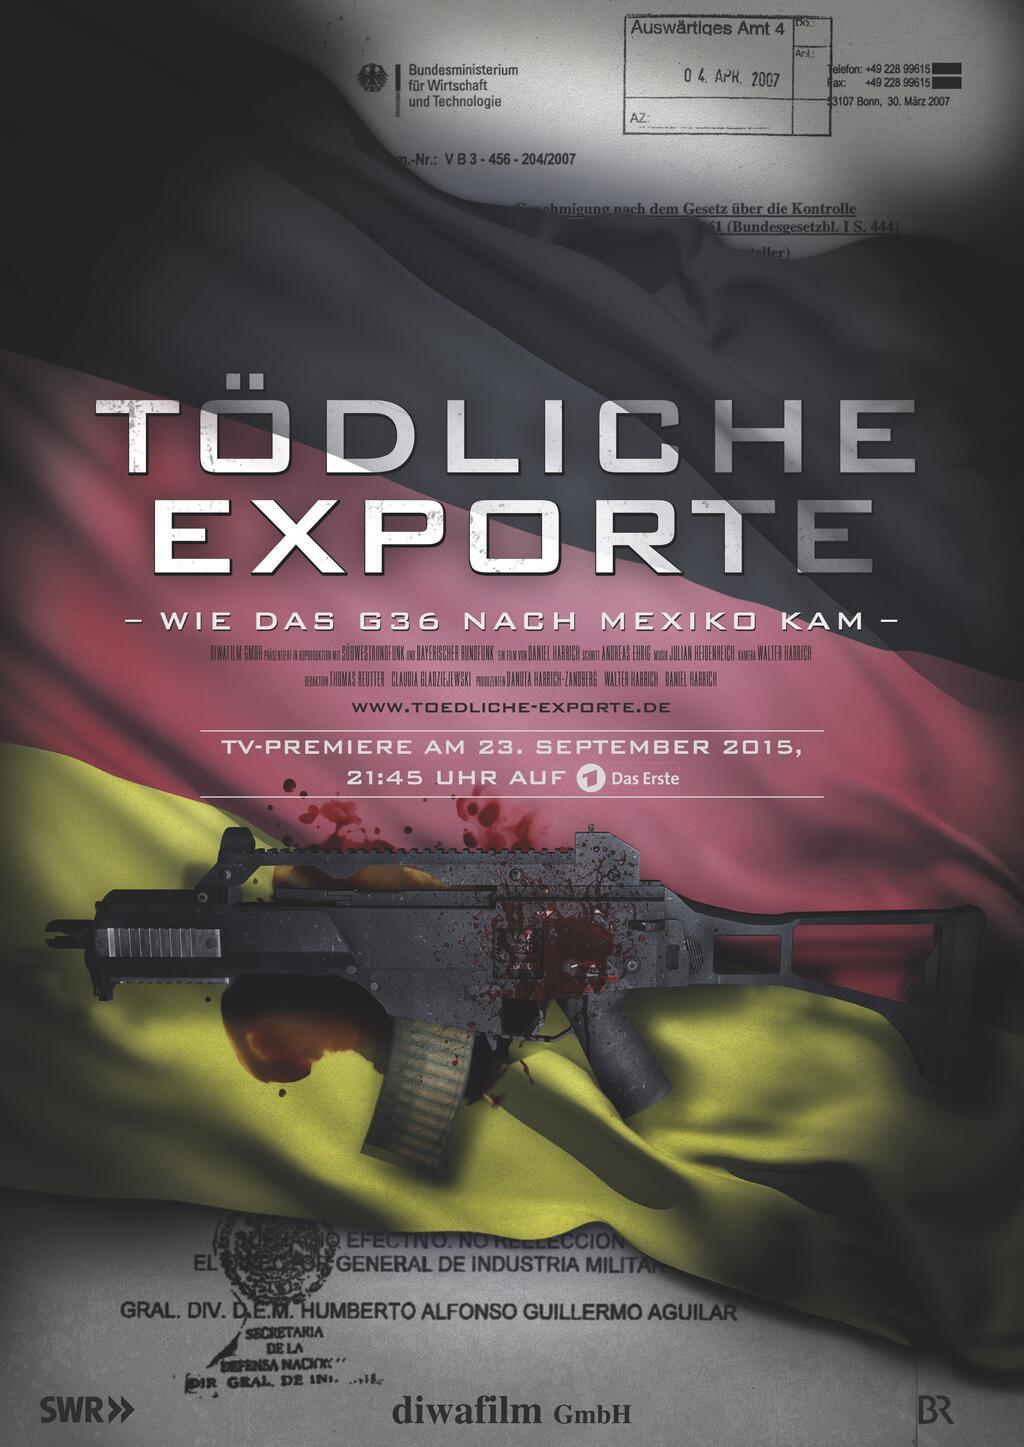 Tödliche Exporte - Wie das G36 nach Mexiko kam